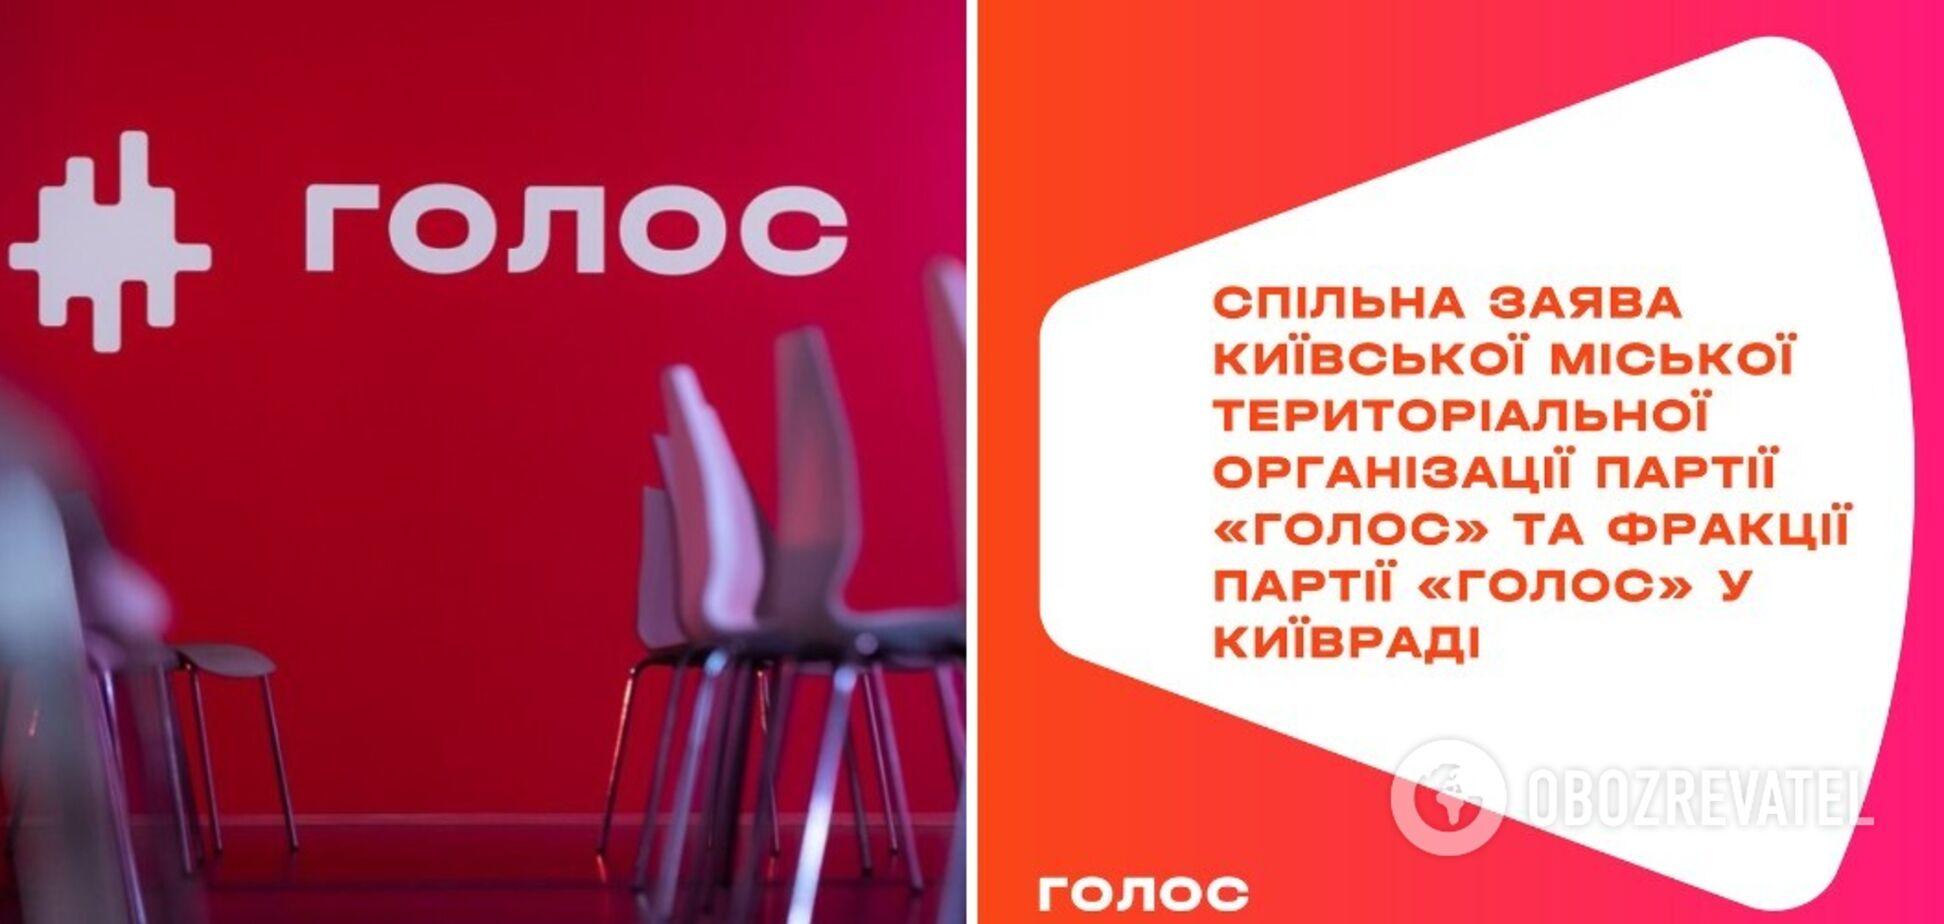 Киевская городская территориальная организация партии 'Голос' и фракция партии 'Голос' в Киевсовете опубликовали совместное заявление